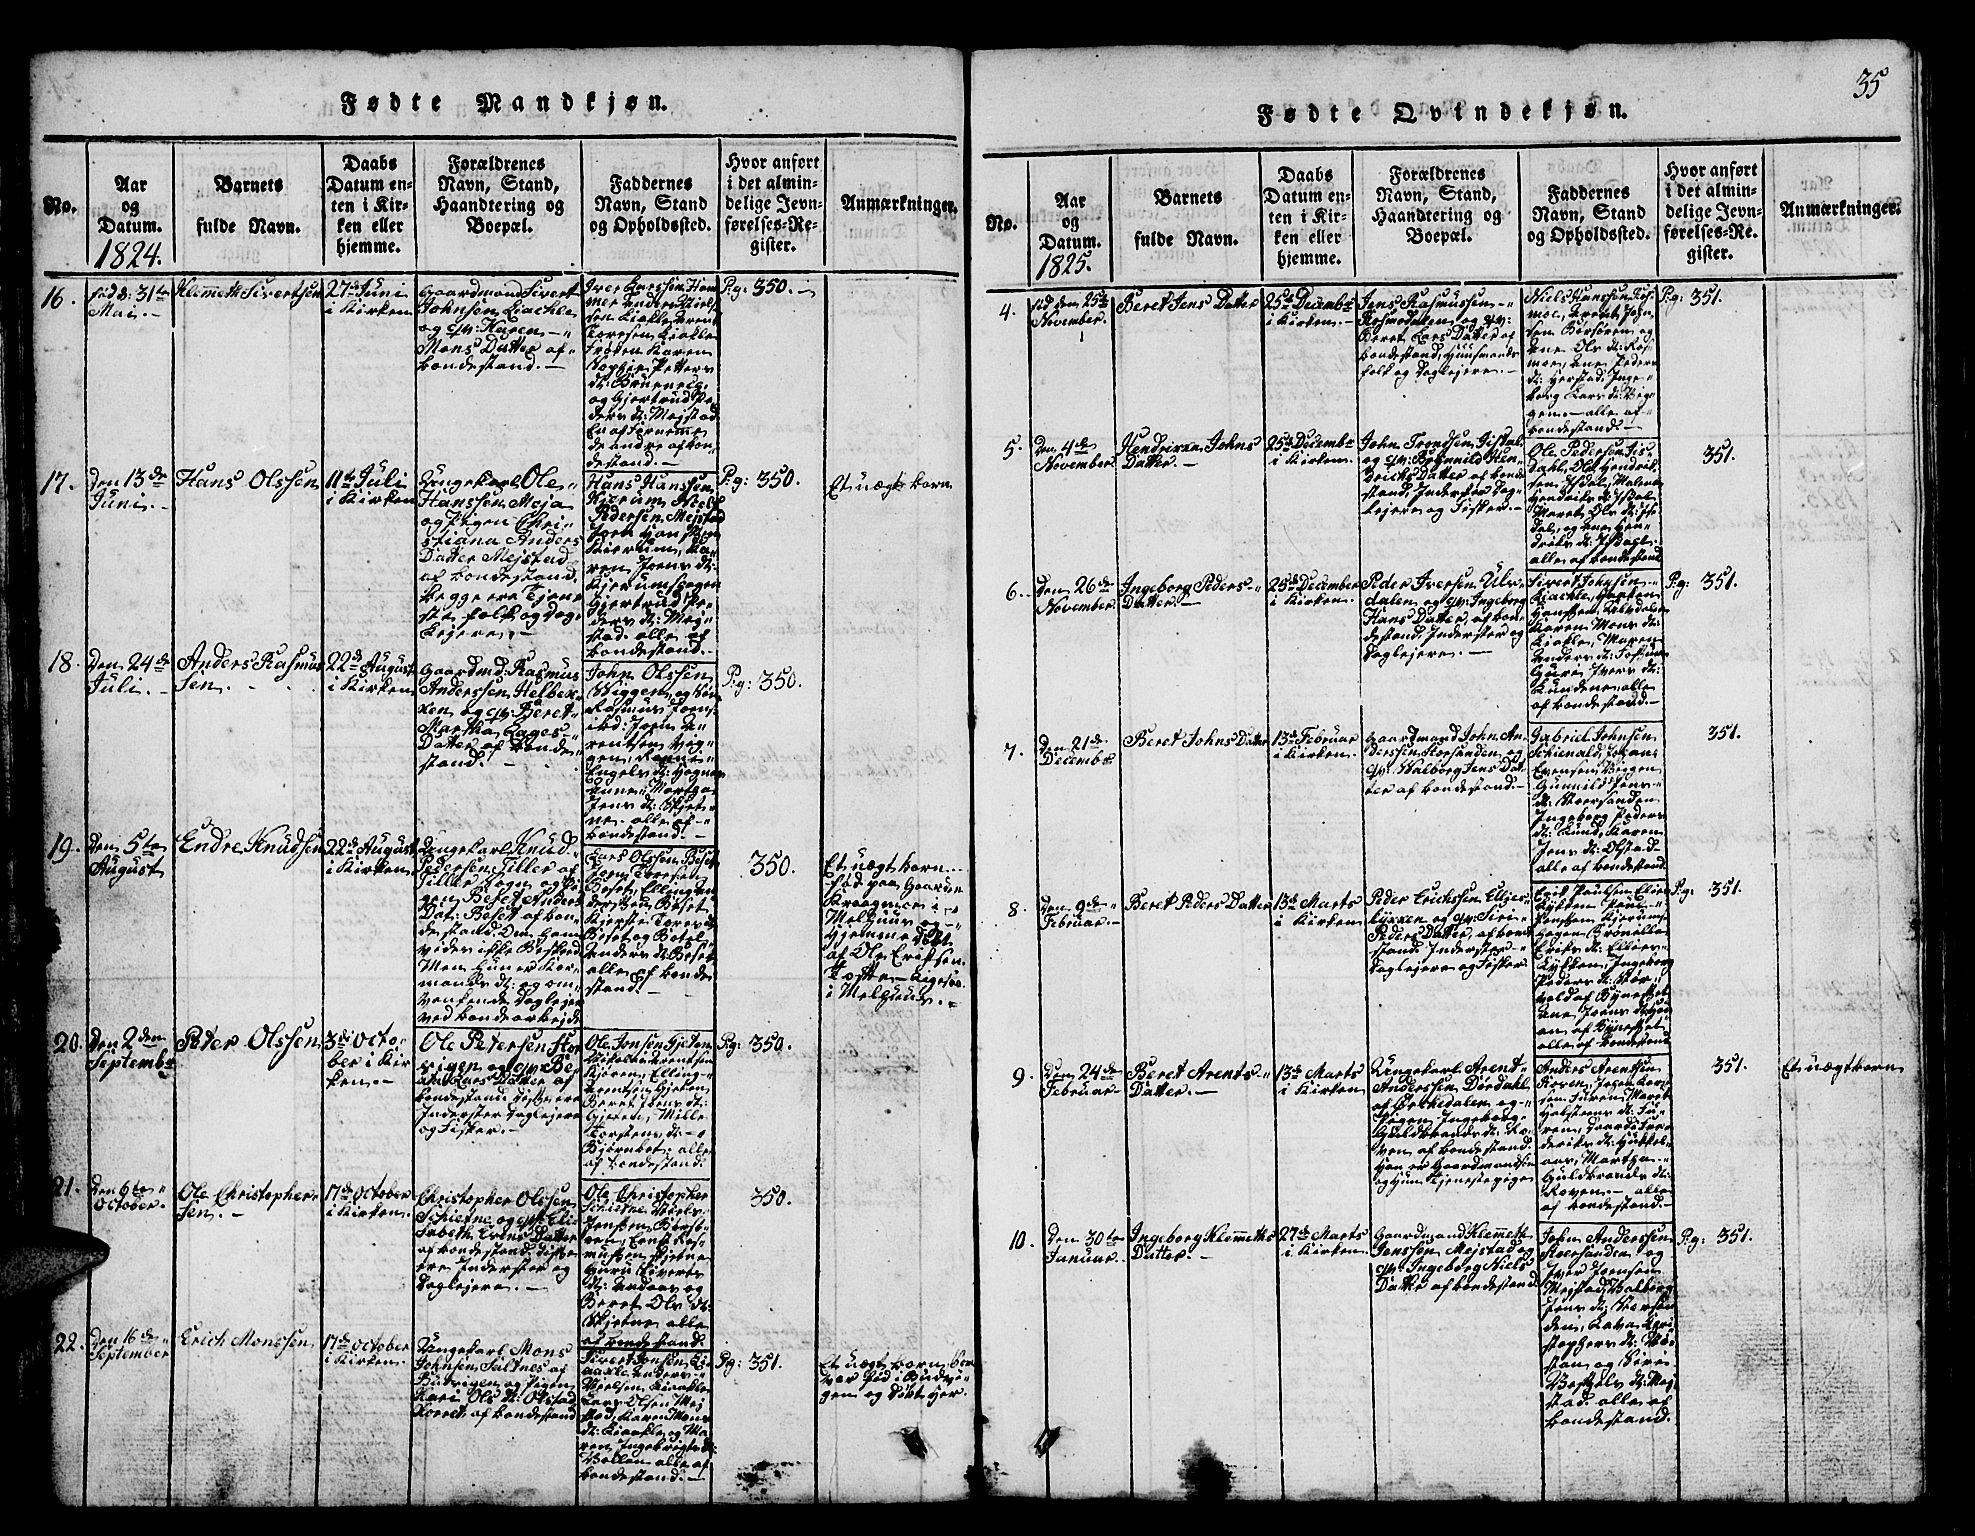 SAT, Ministerialprotokoller, klokkerbøker og fødselsregistre - Sør-Trøndelag, 665/L0776: Klokkerbok nr. 665C01, 1817-1837, s. 35